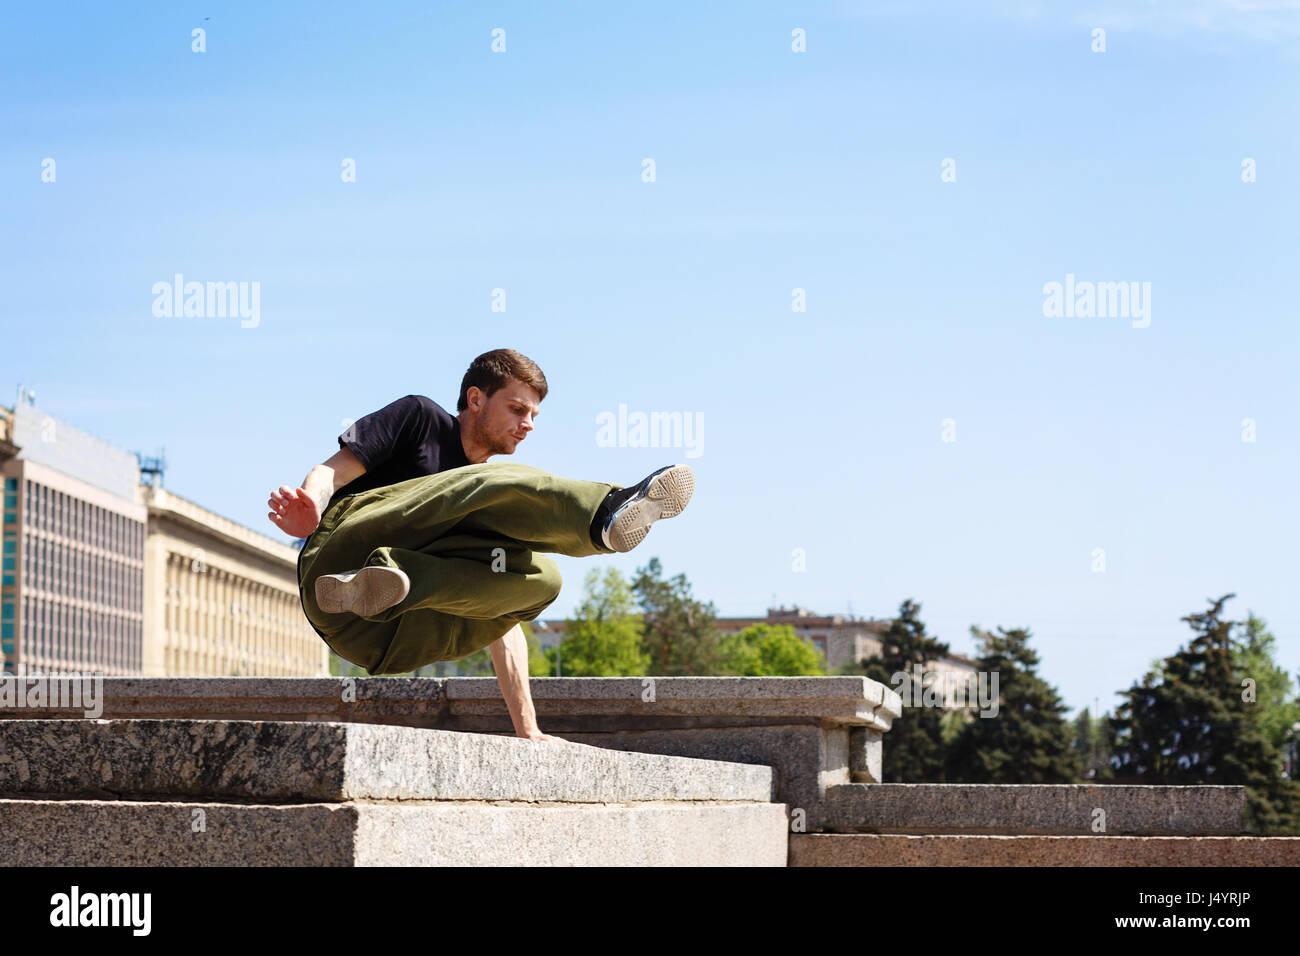 Junger Mann über die Mauer springen. Parkour im urbanen Raum. Sport in der Stadt. Sportliche Aktivität. Stockbild